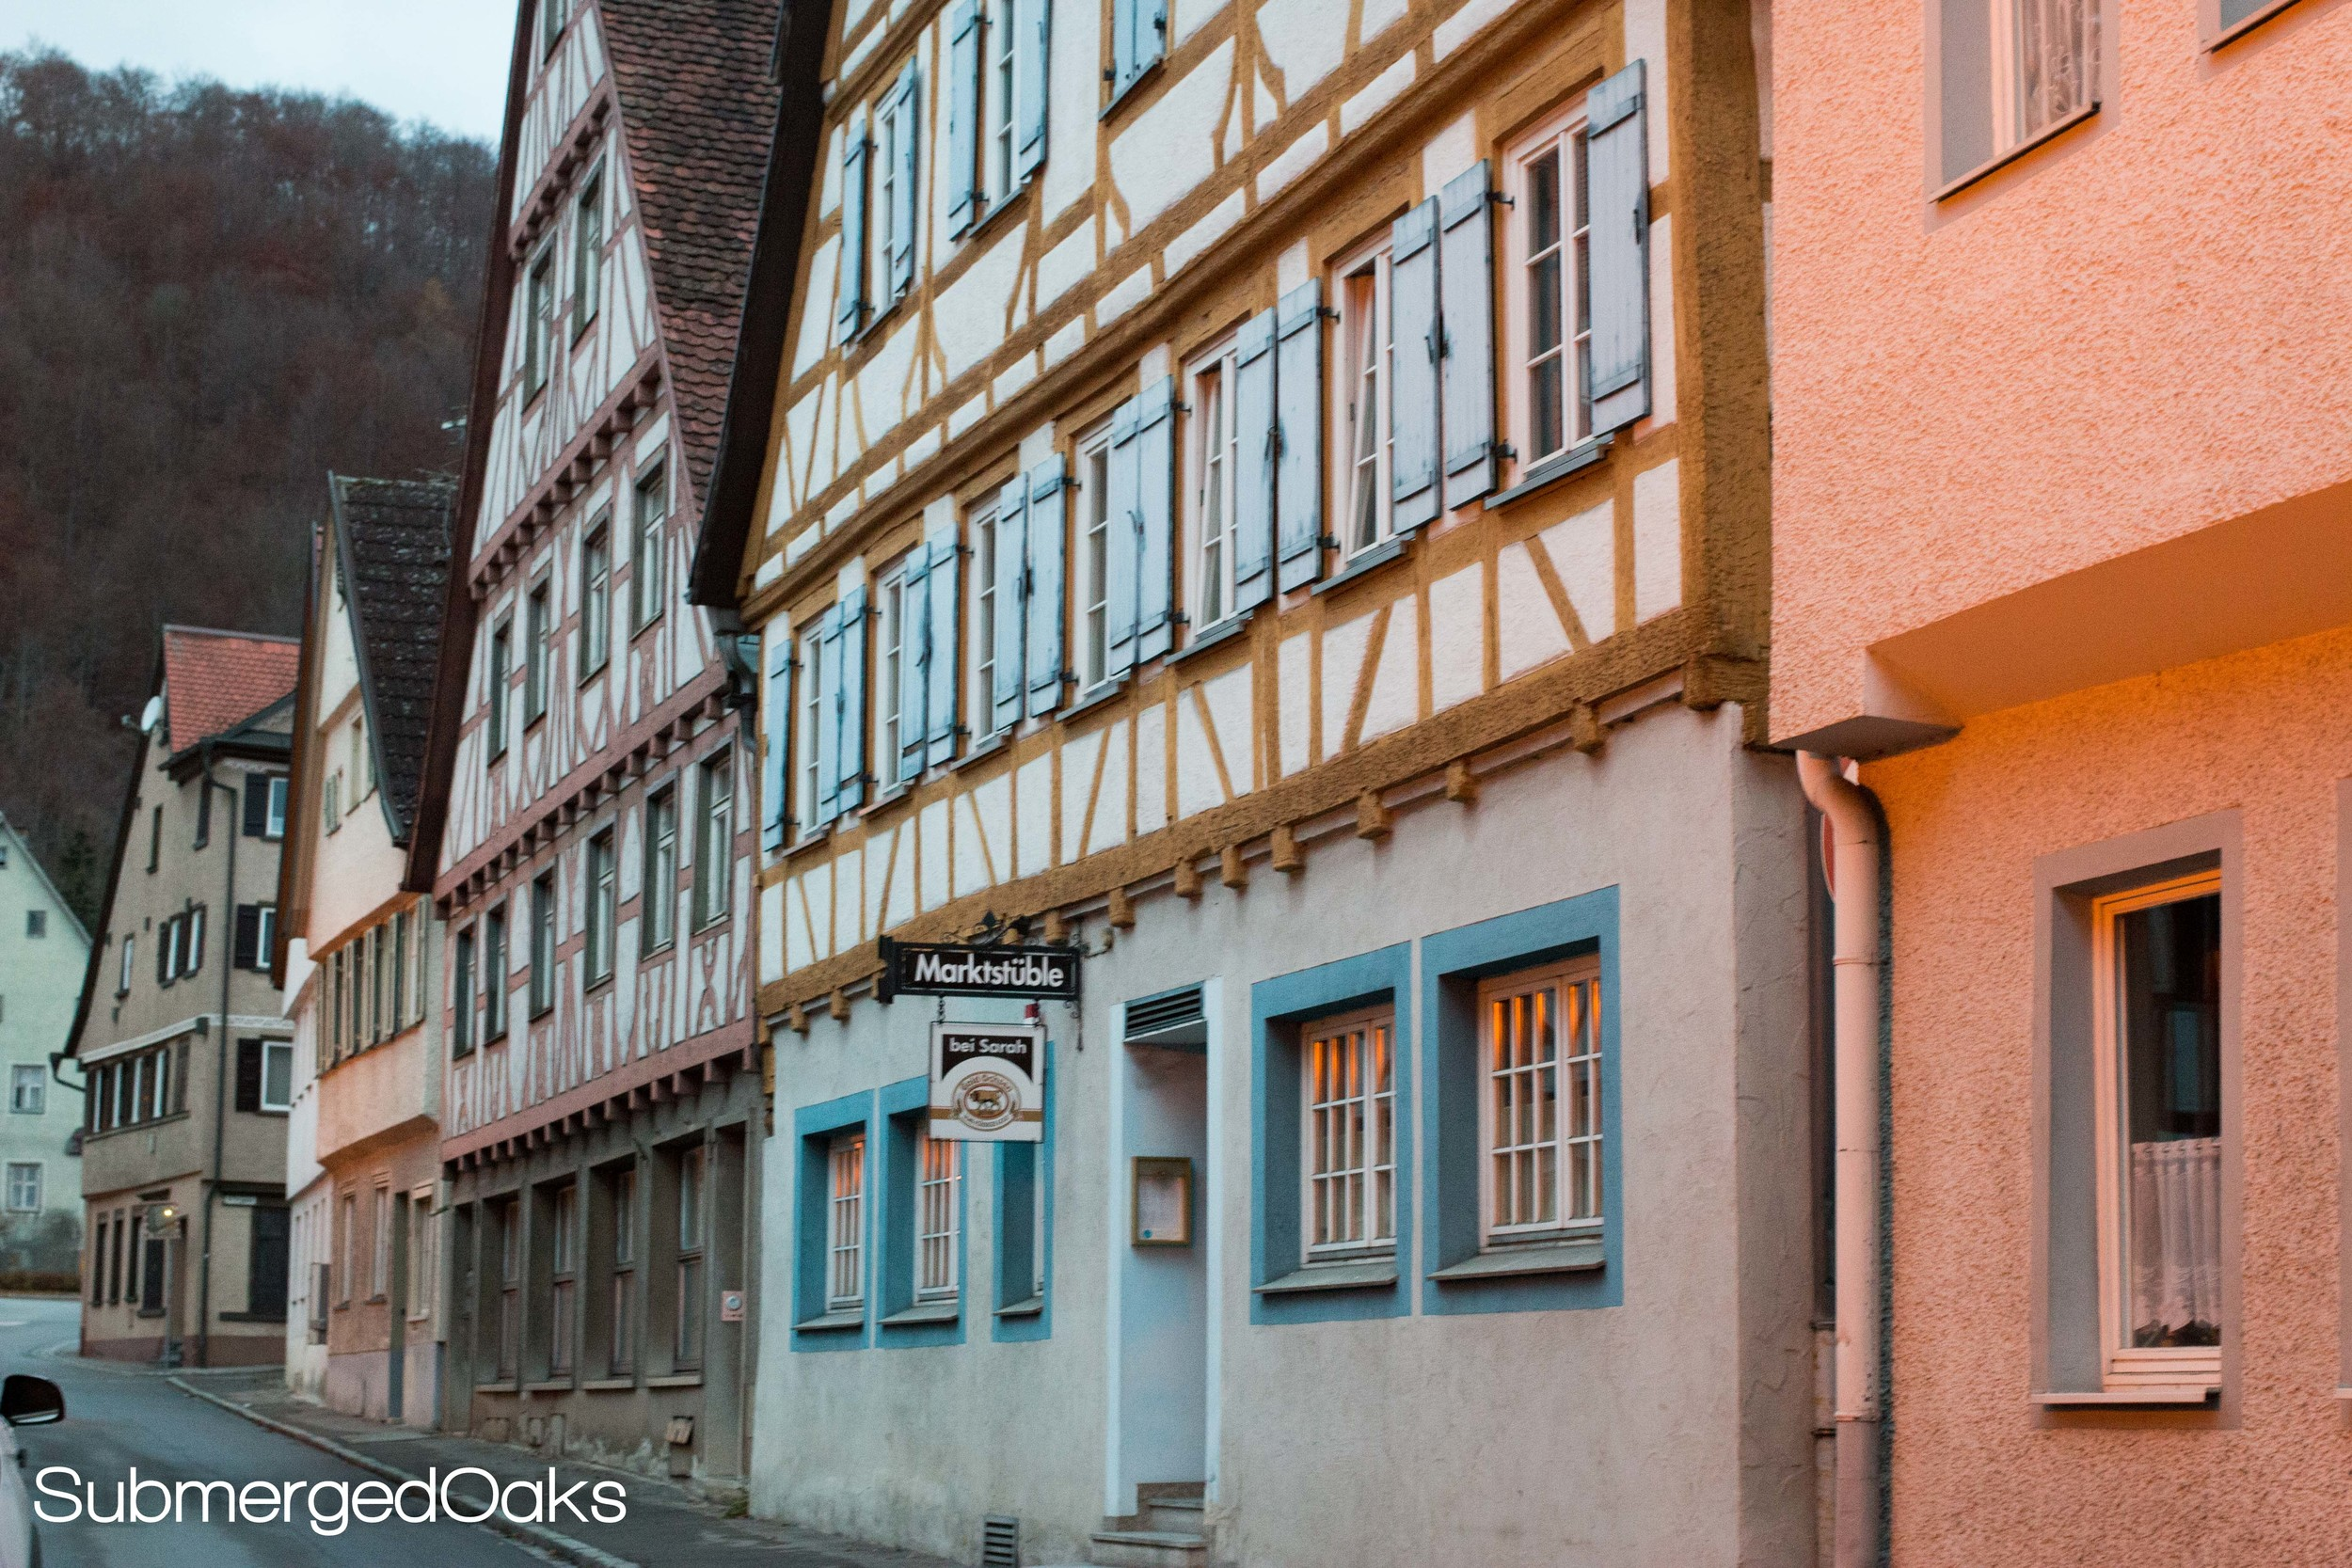 STreet with half timbered buildings in Blaubeuren